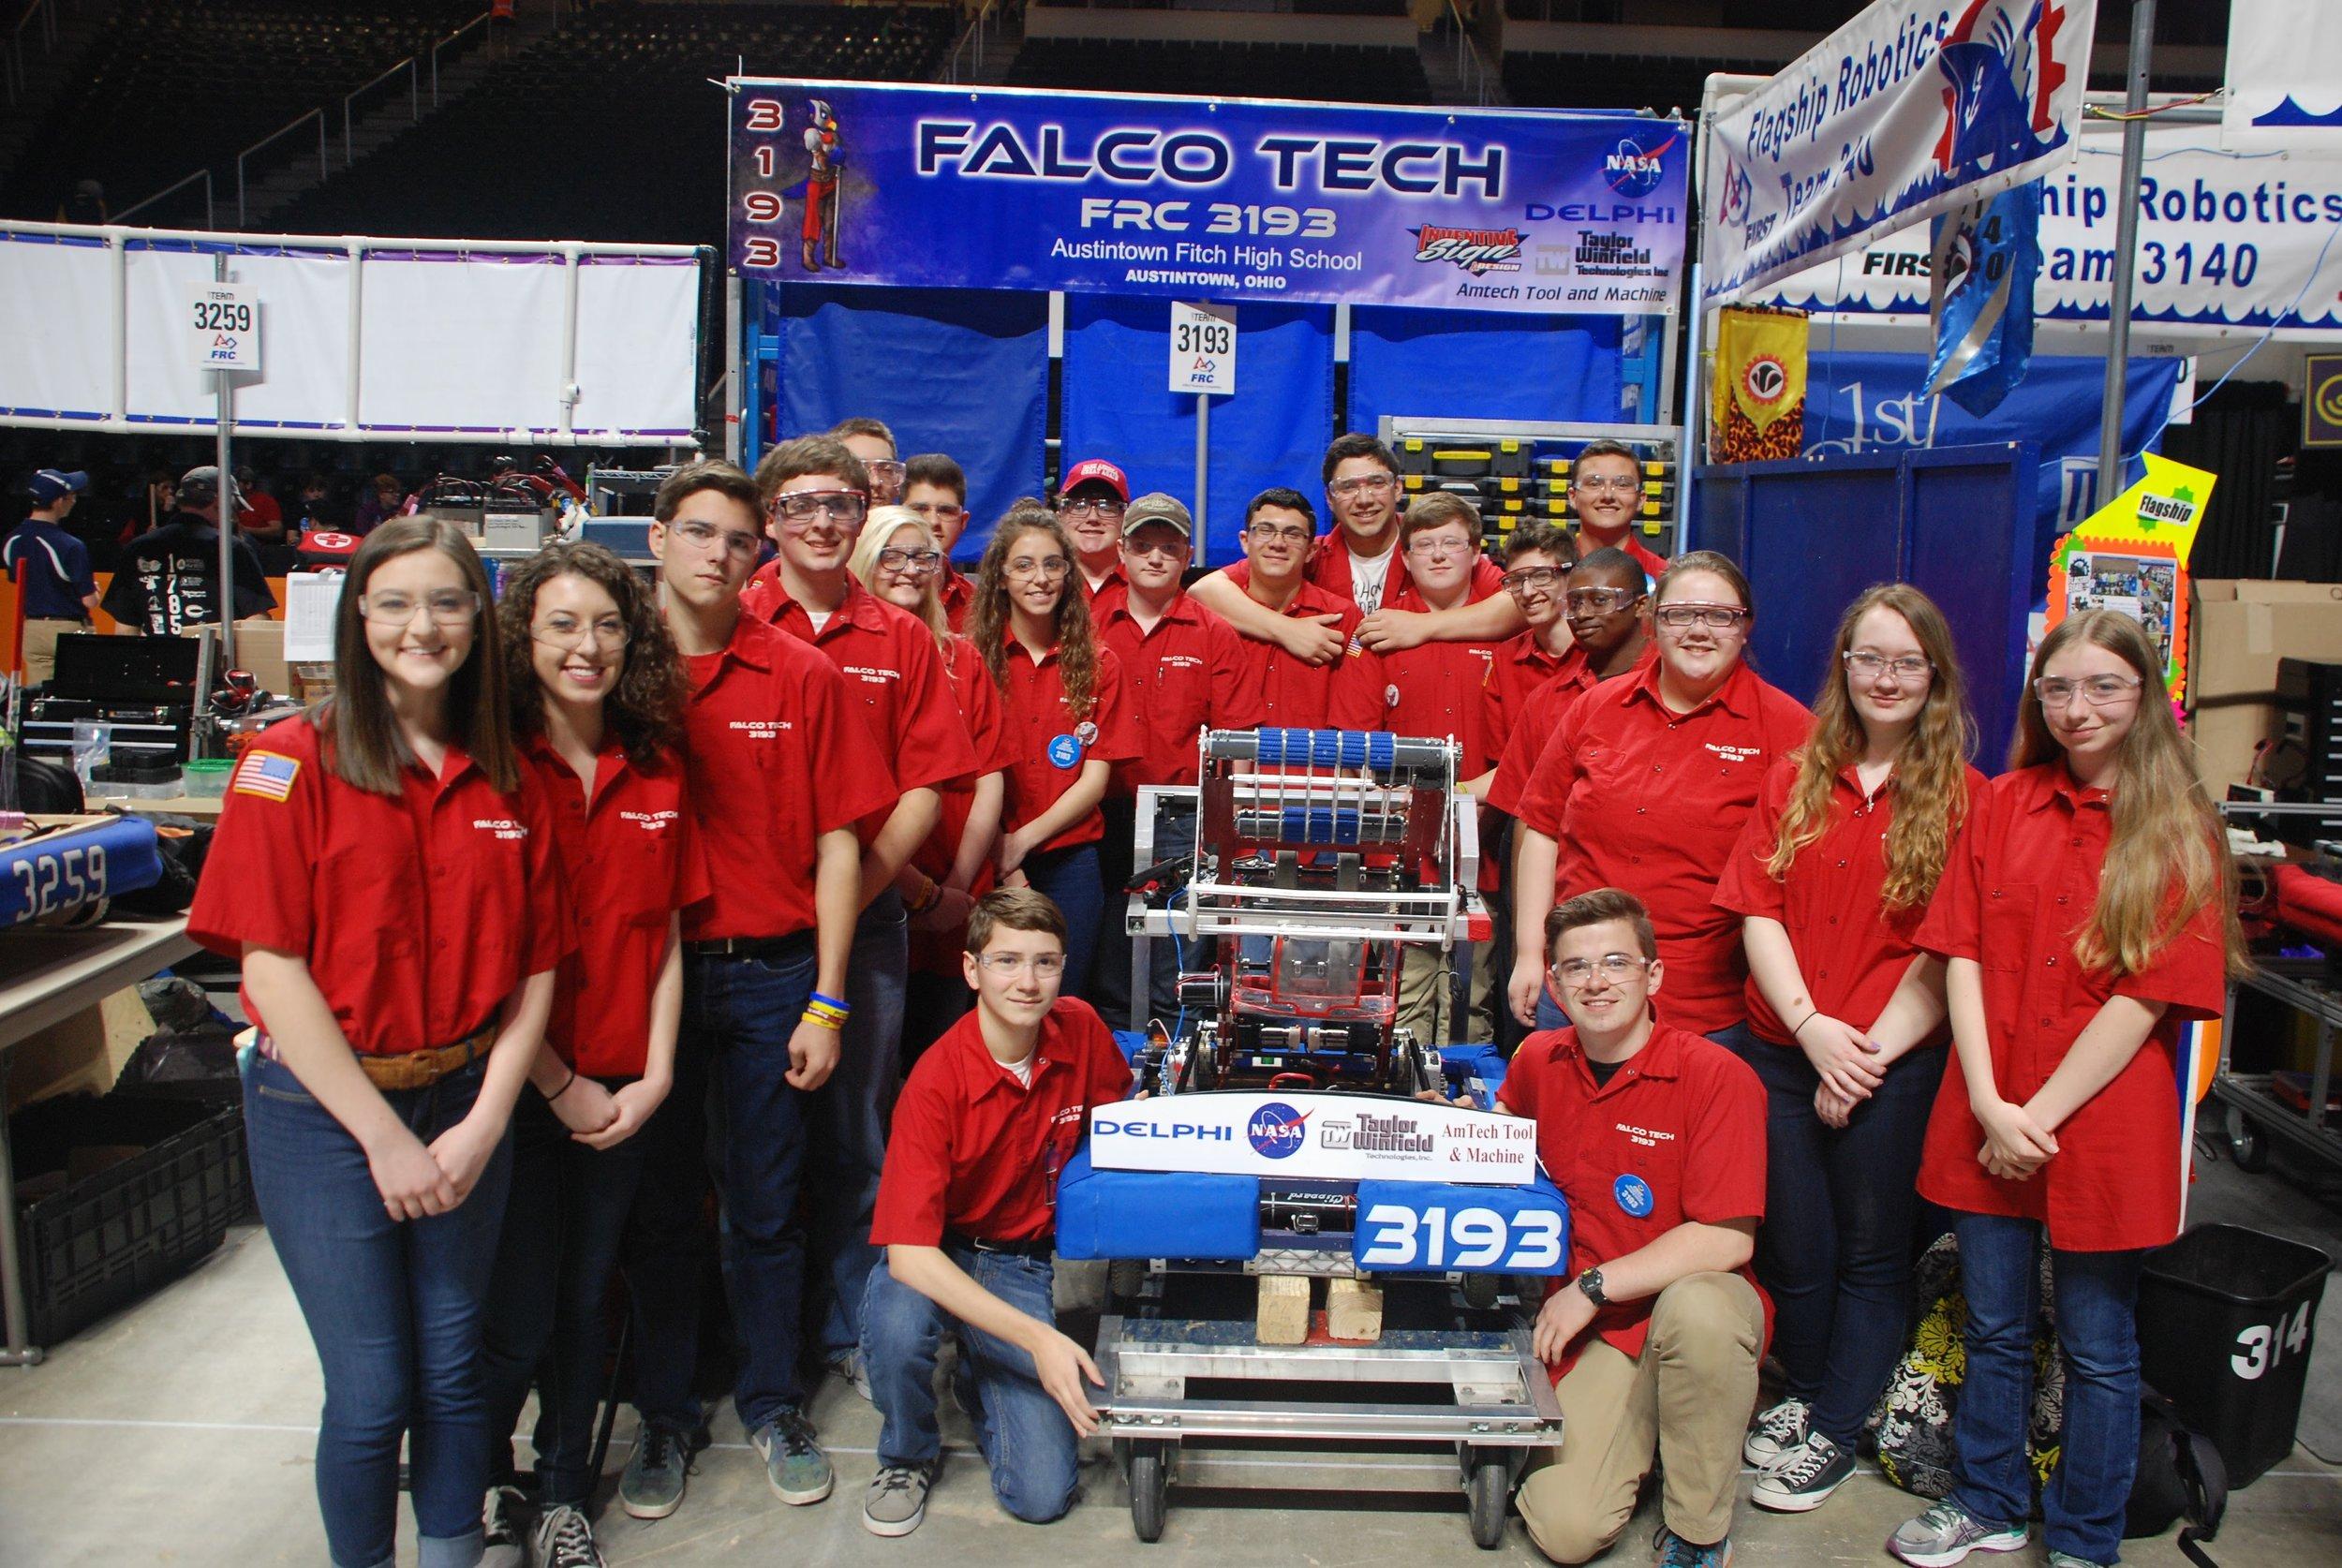 Team 3193 Falcon Tech